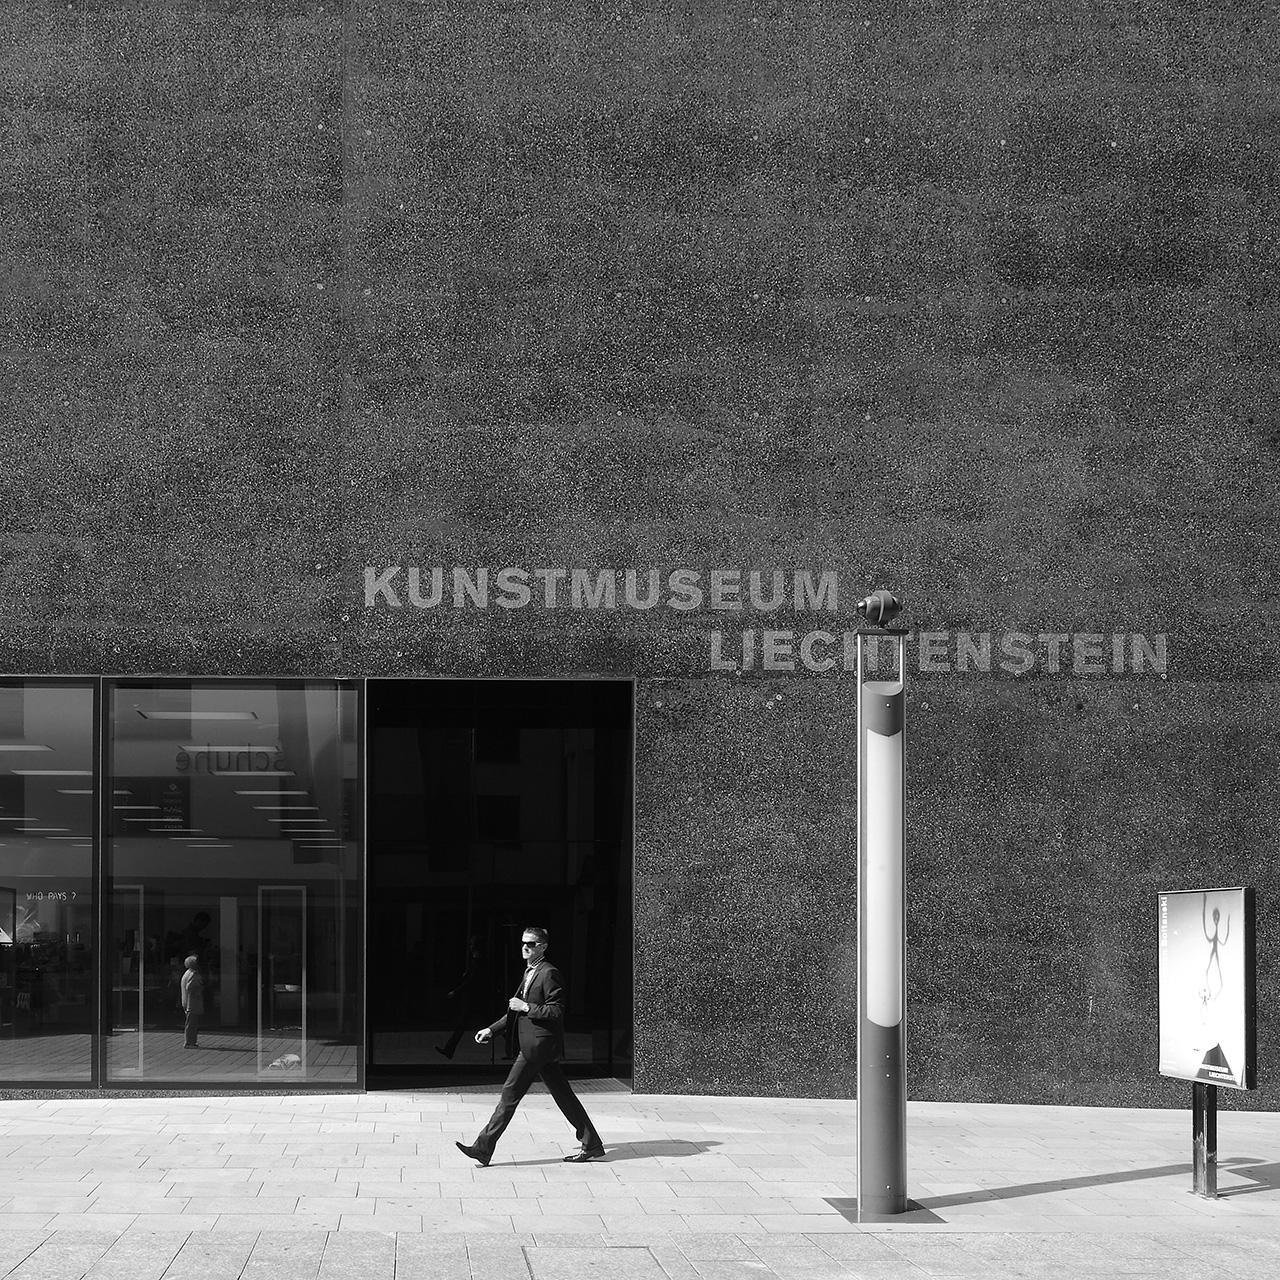 Kunstmuseum Liechtenstein, Vaduz © Valérie Chételat